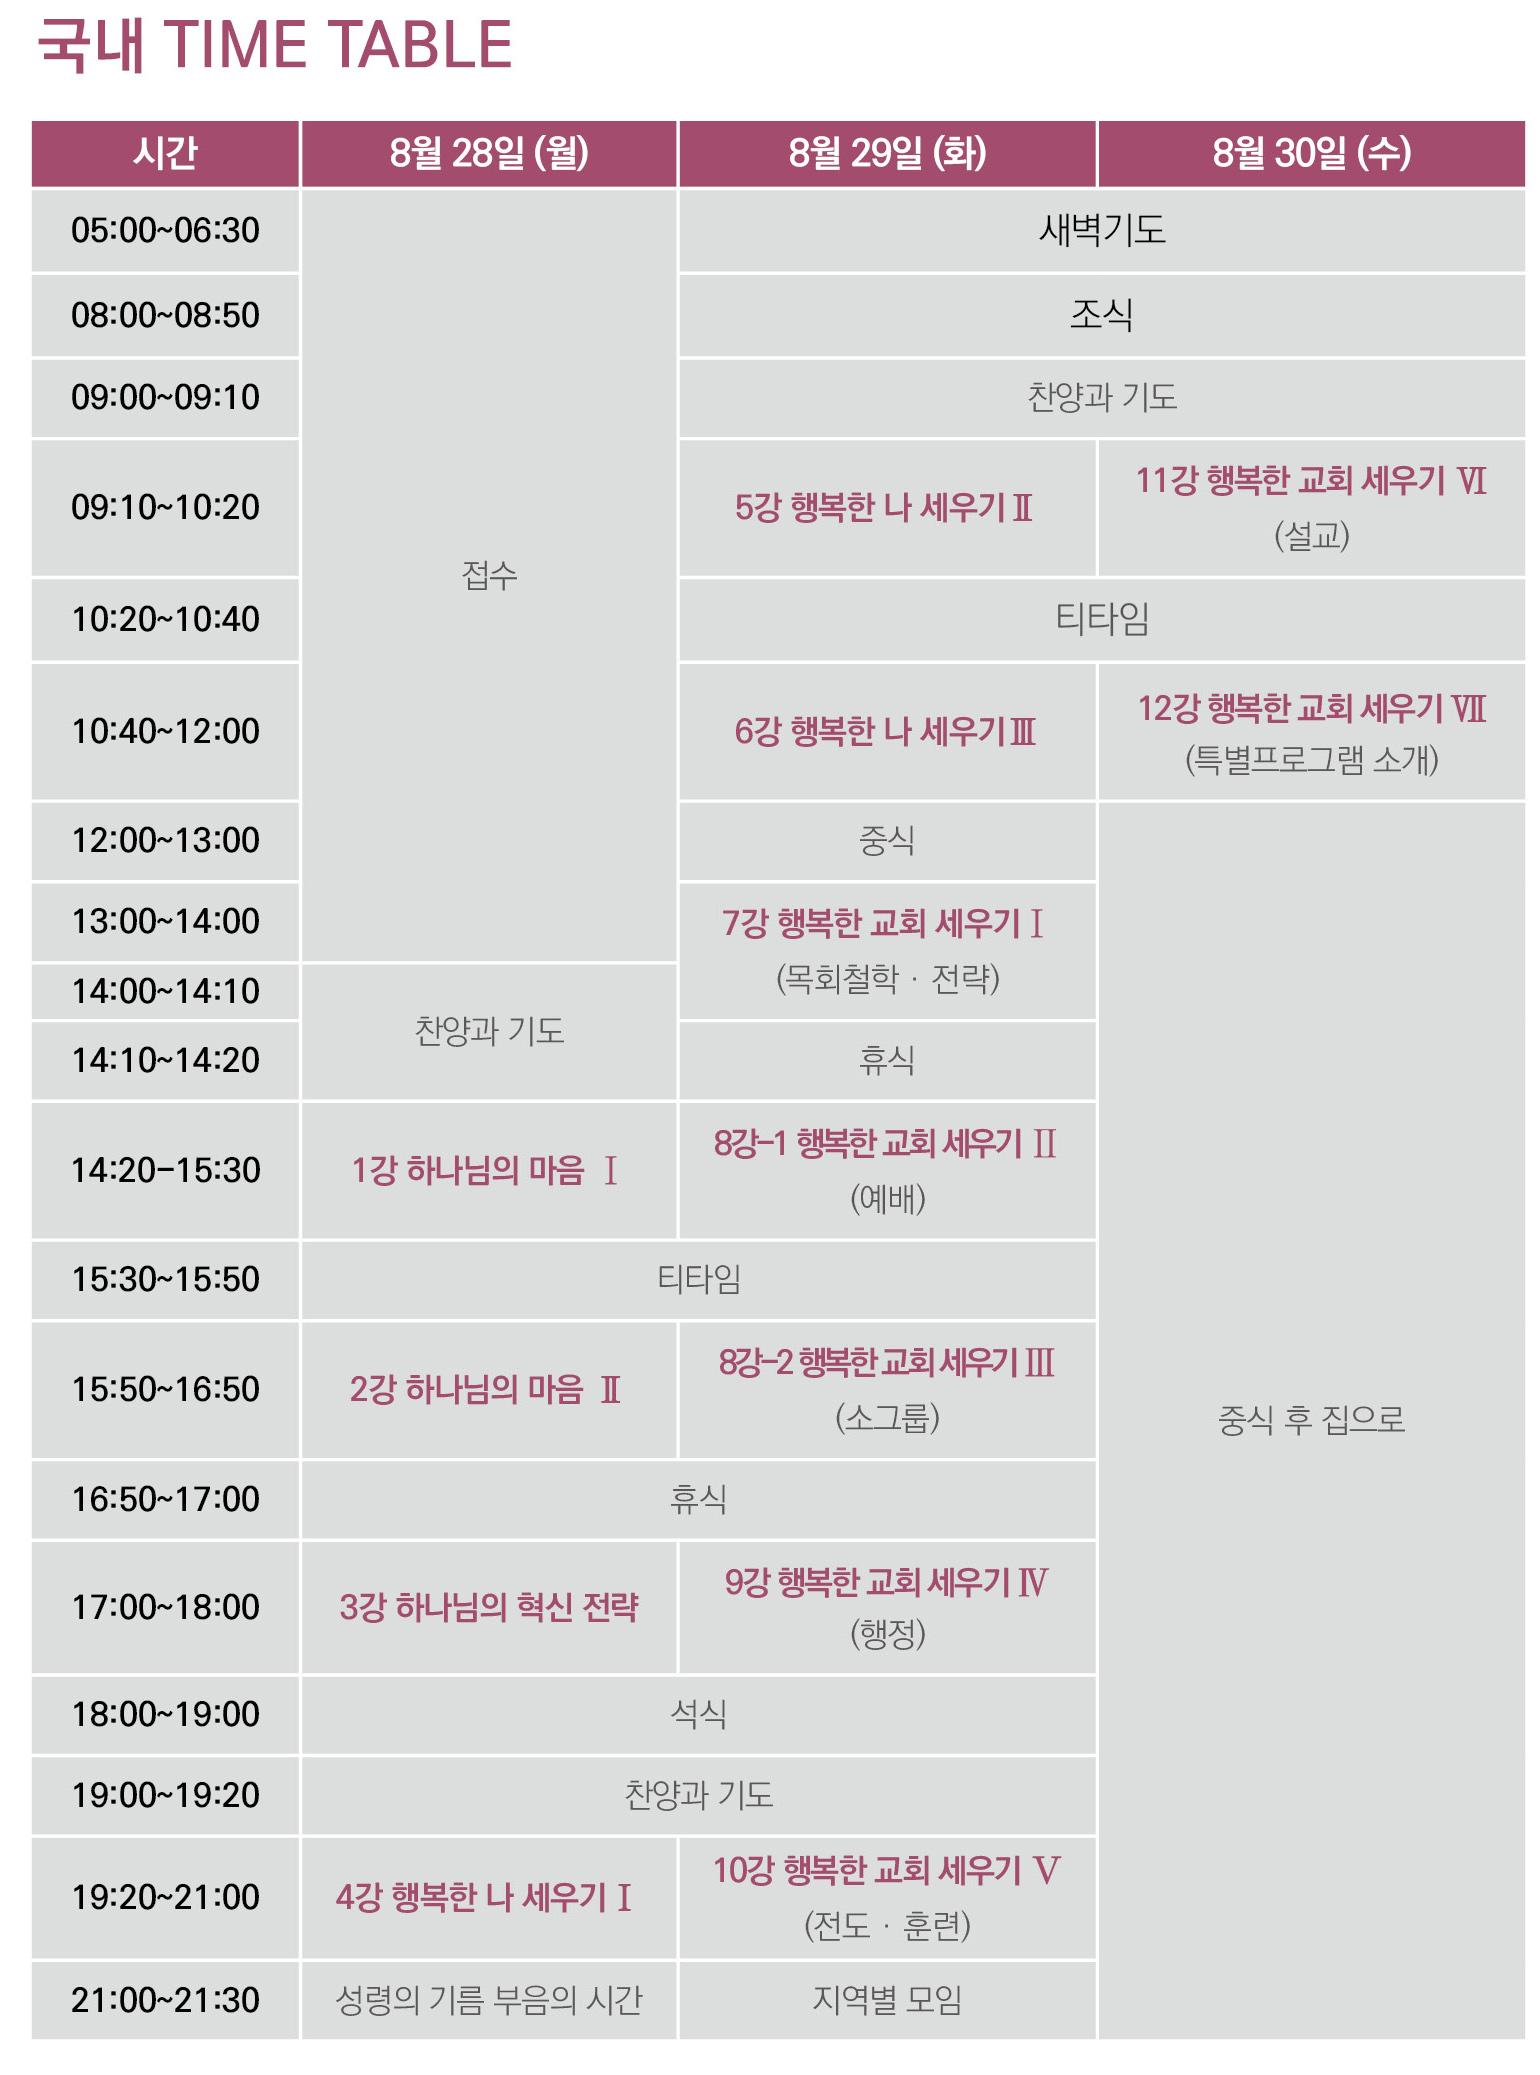 제8회 행복목회컨퍼런스 국내시간표.jpg